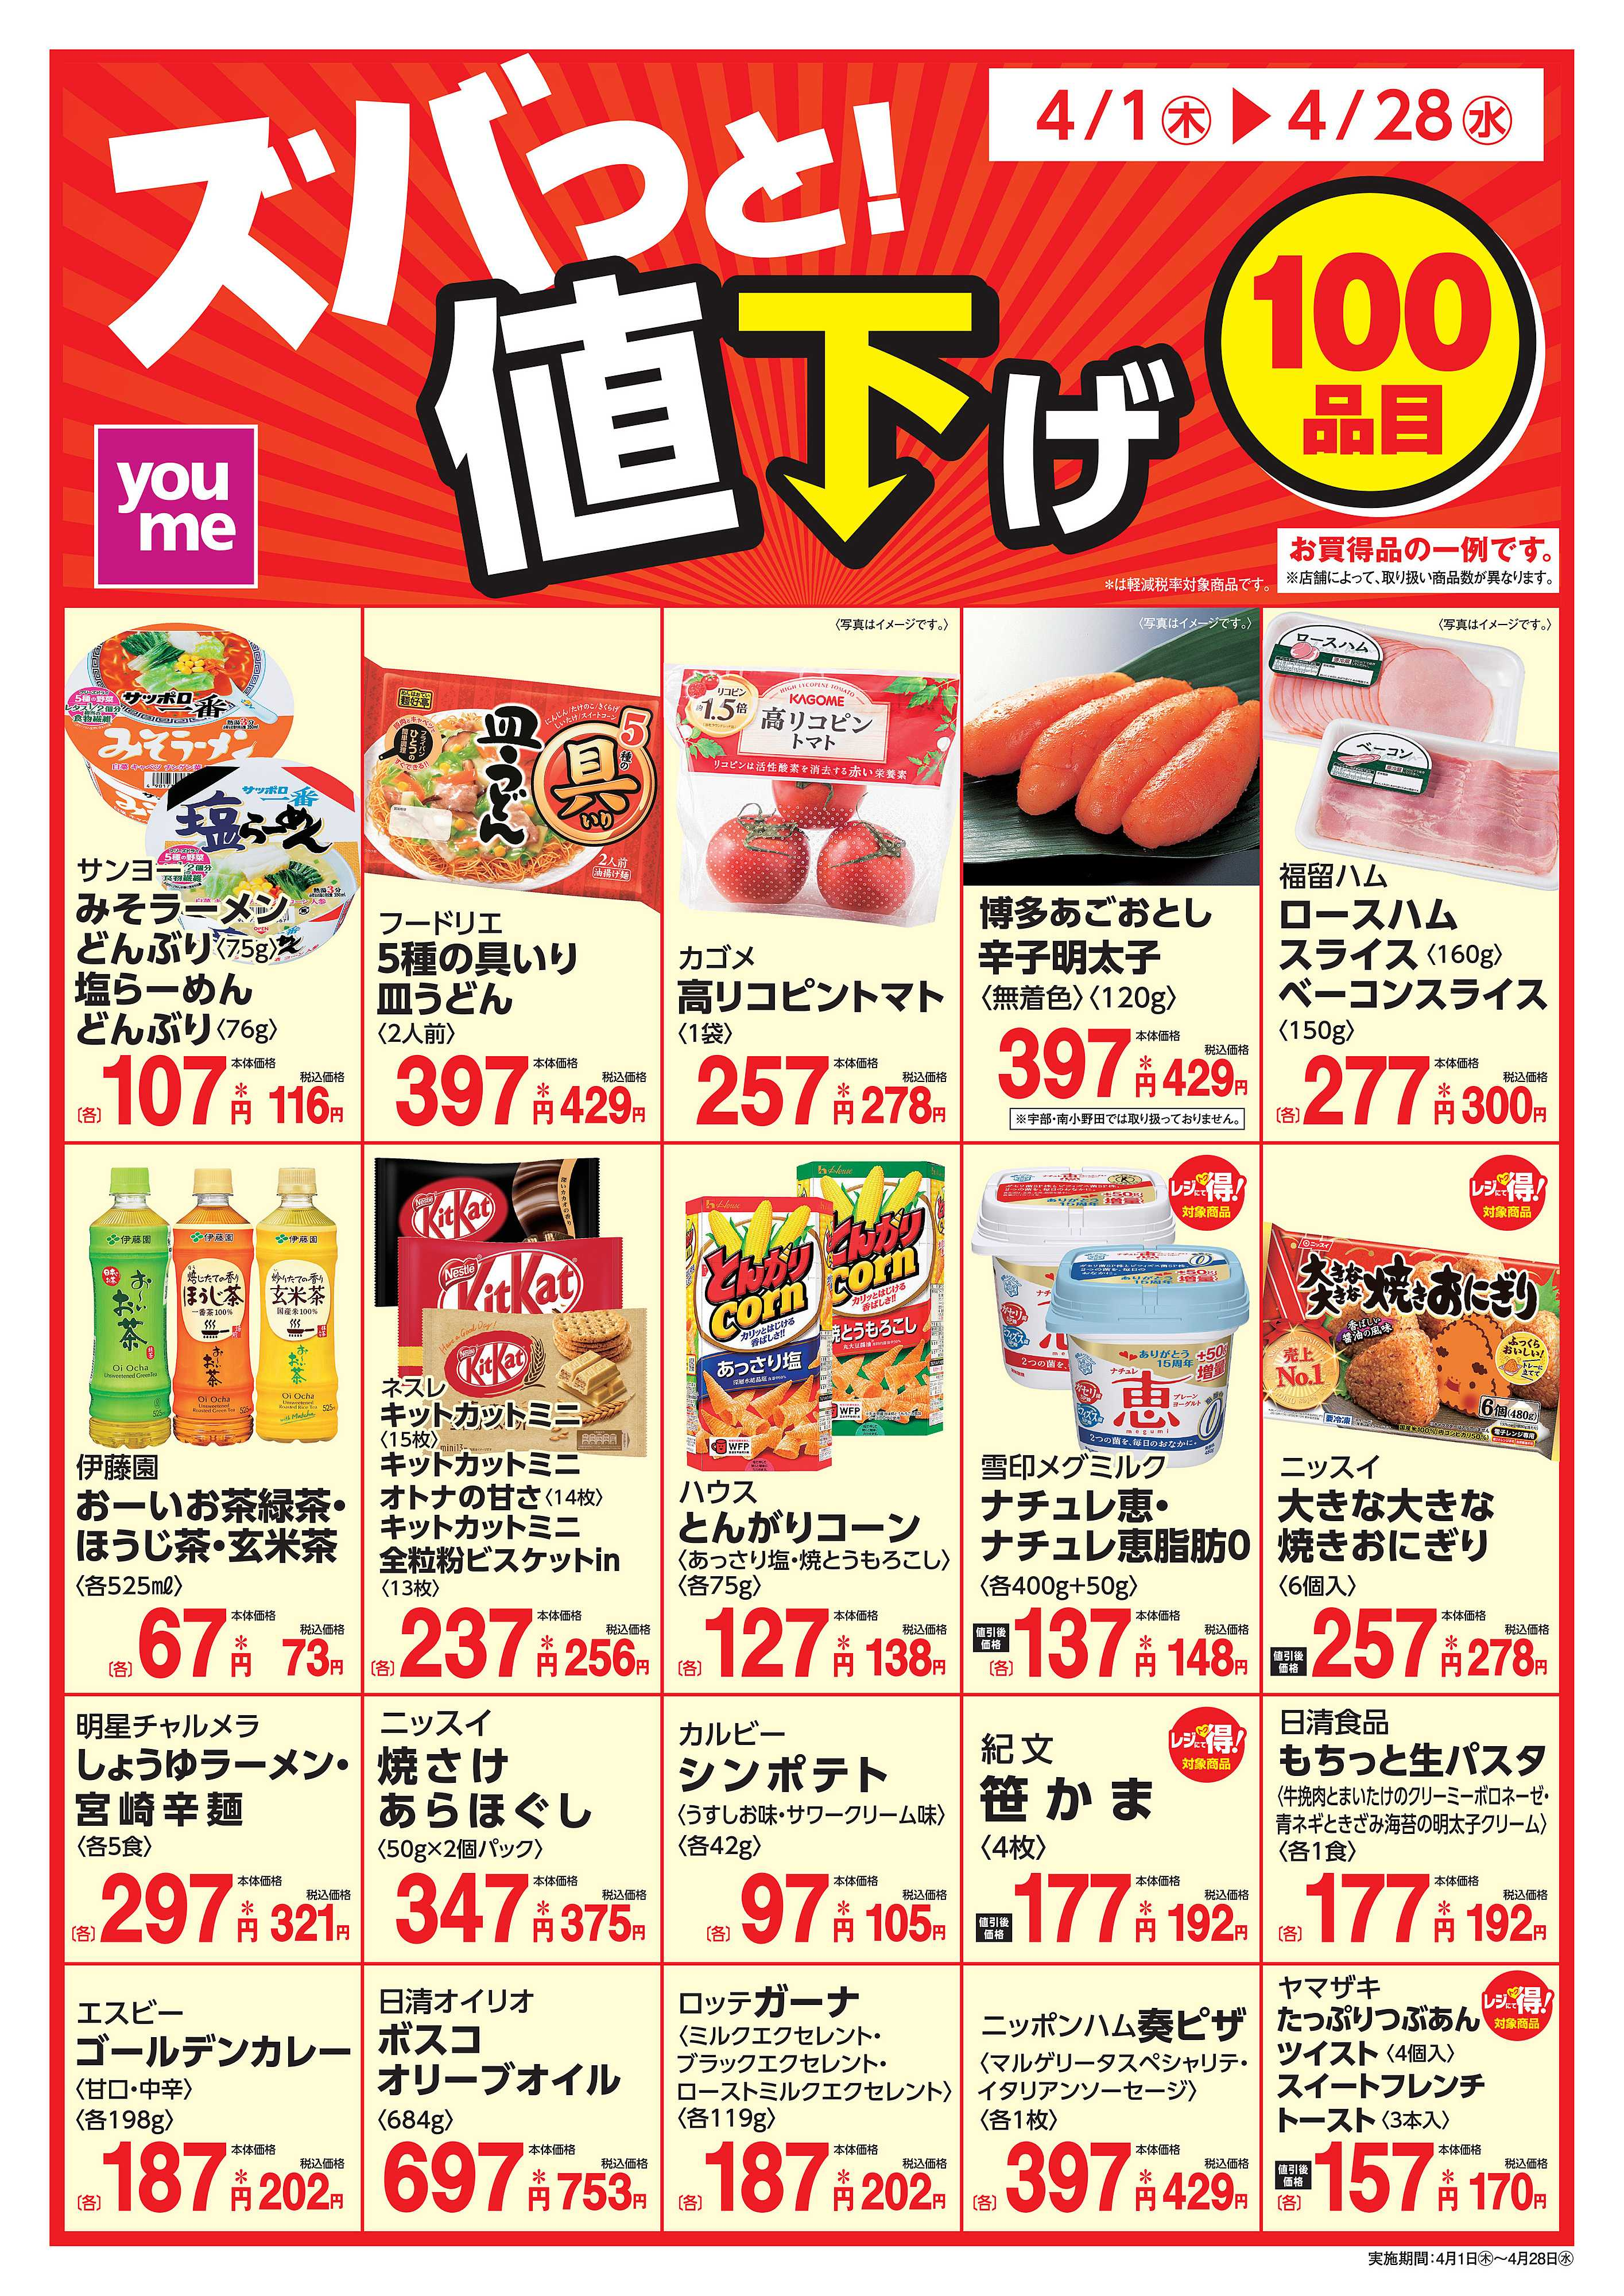 ゆめマート 4/1~4/28 ズバっと!値下げ